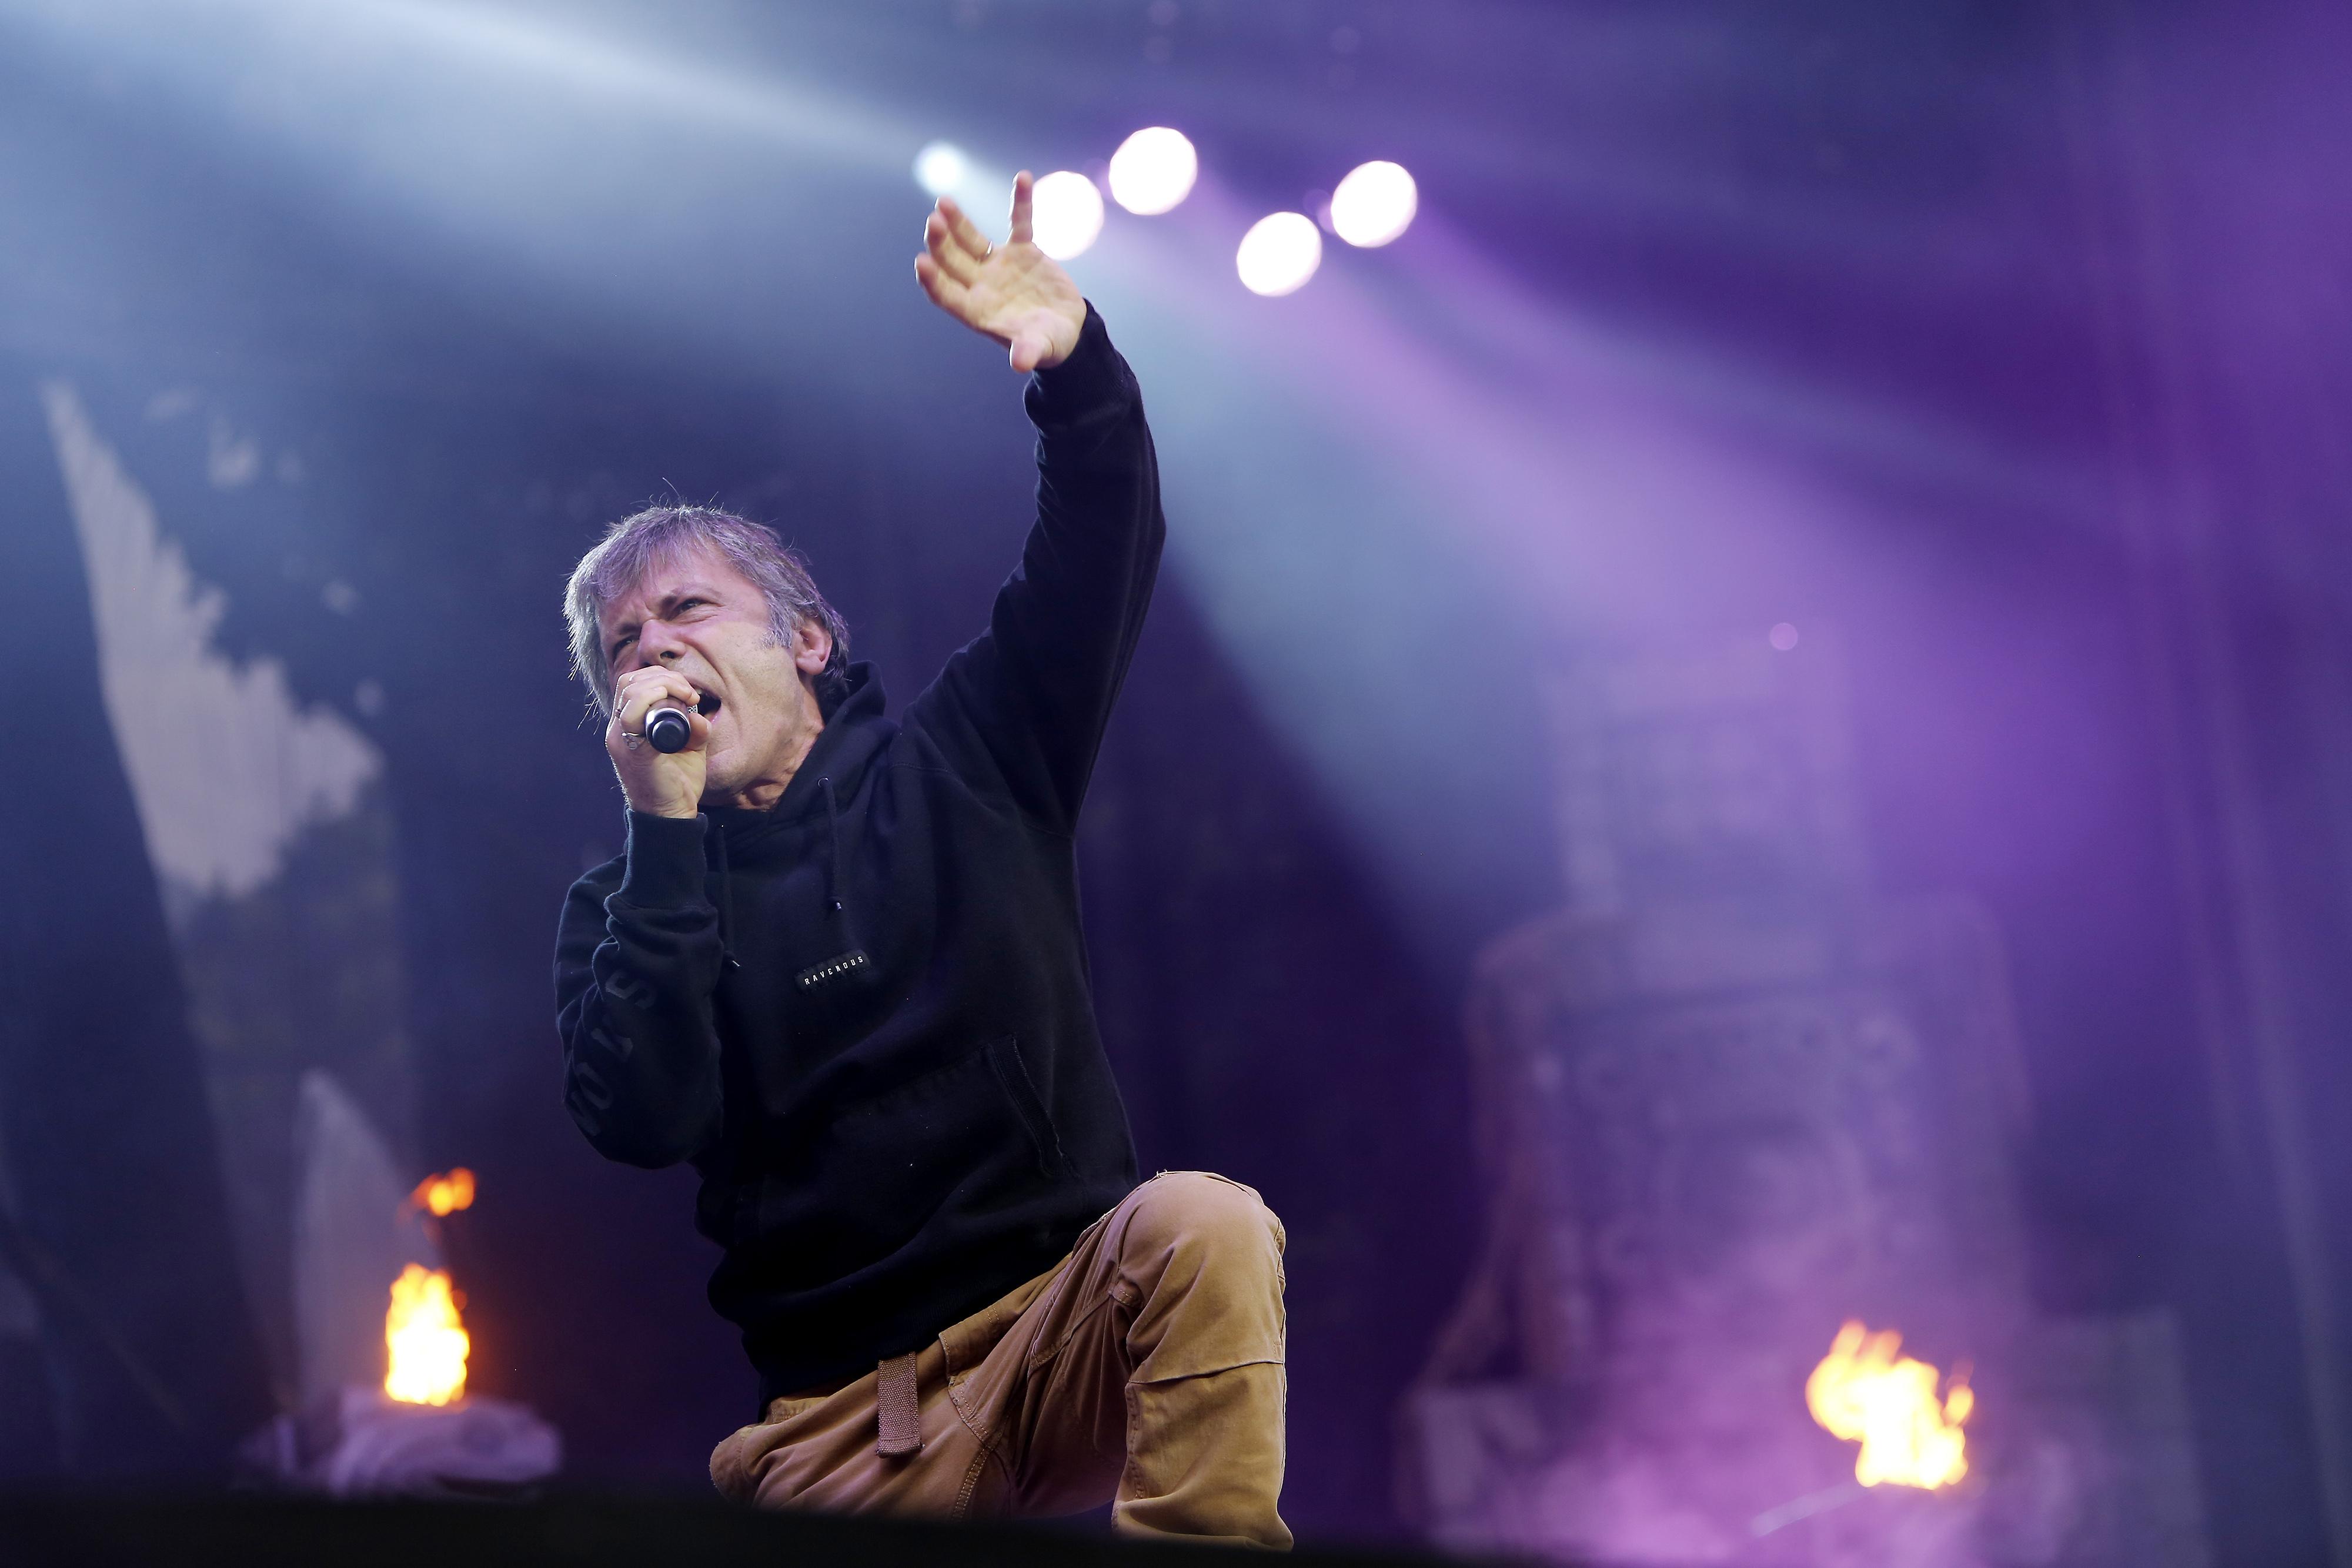 """Iron Maidens Bruce Dickinson under Ullevistoppet på bandets """"Book of souls""""-turné den 17 juni förra året. Denna vända har sextetten, vanan trogen, dokumenterat till en liveskiva/dvd och just denna kan ni höra ett smakprov från i spellistan här nedan. Foto: Henrik Brunnsgård"""